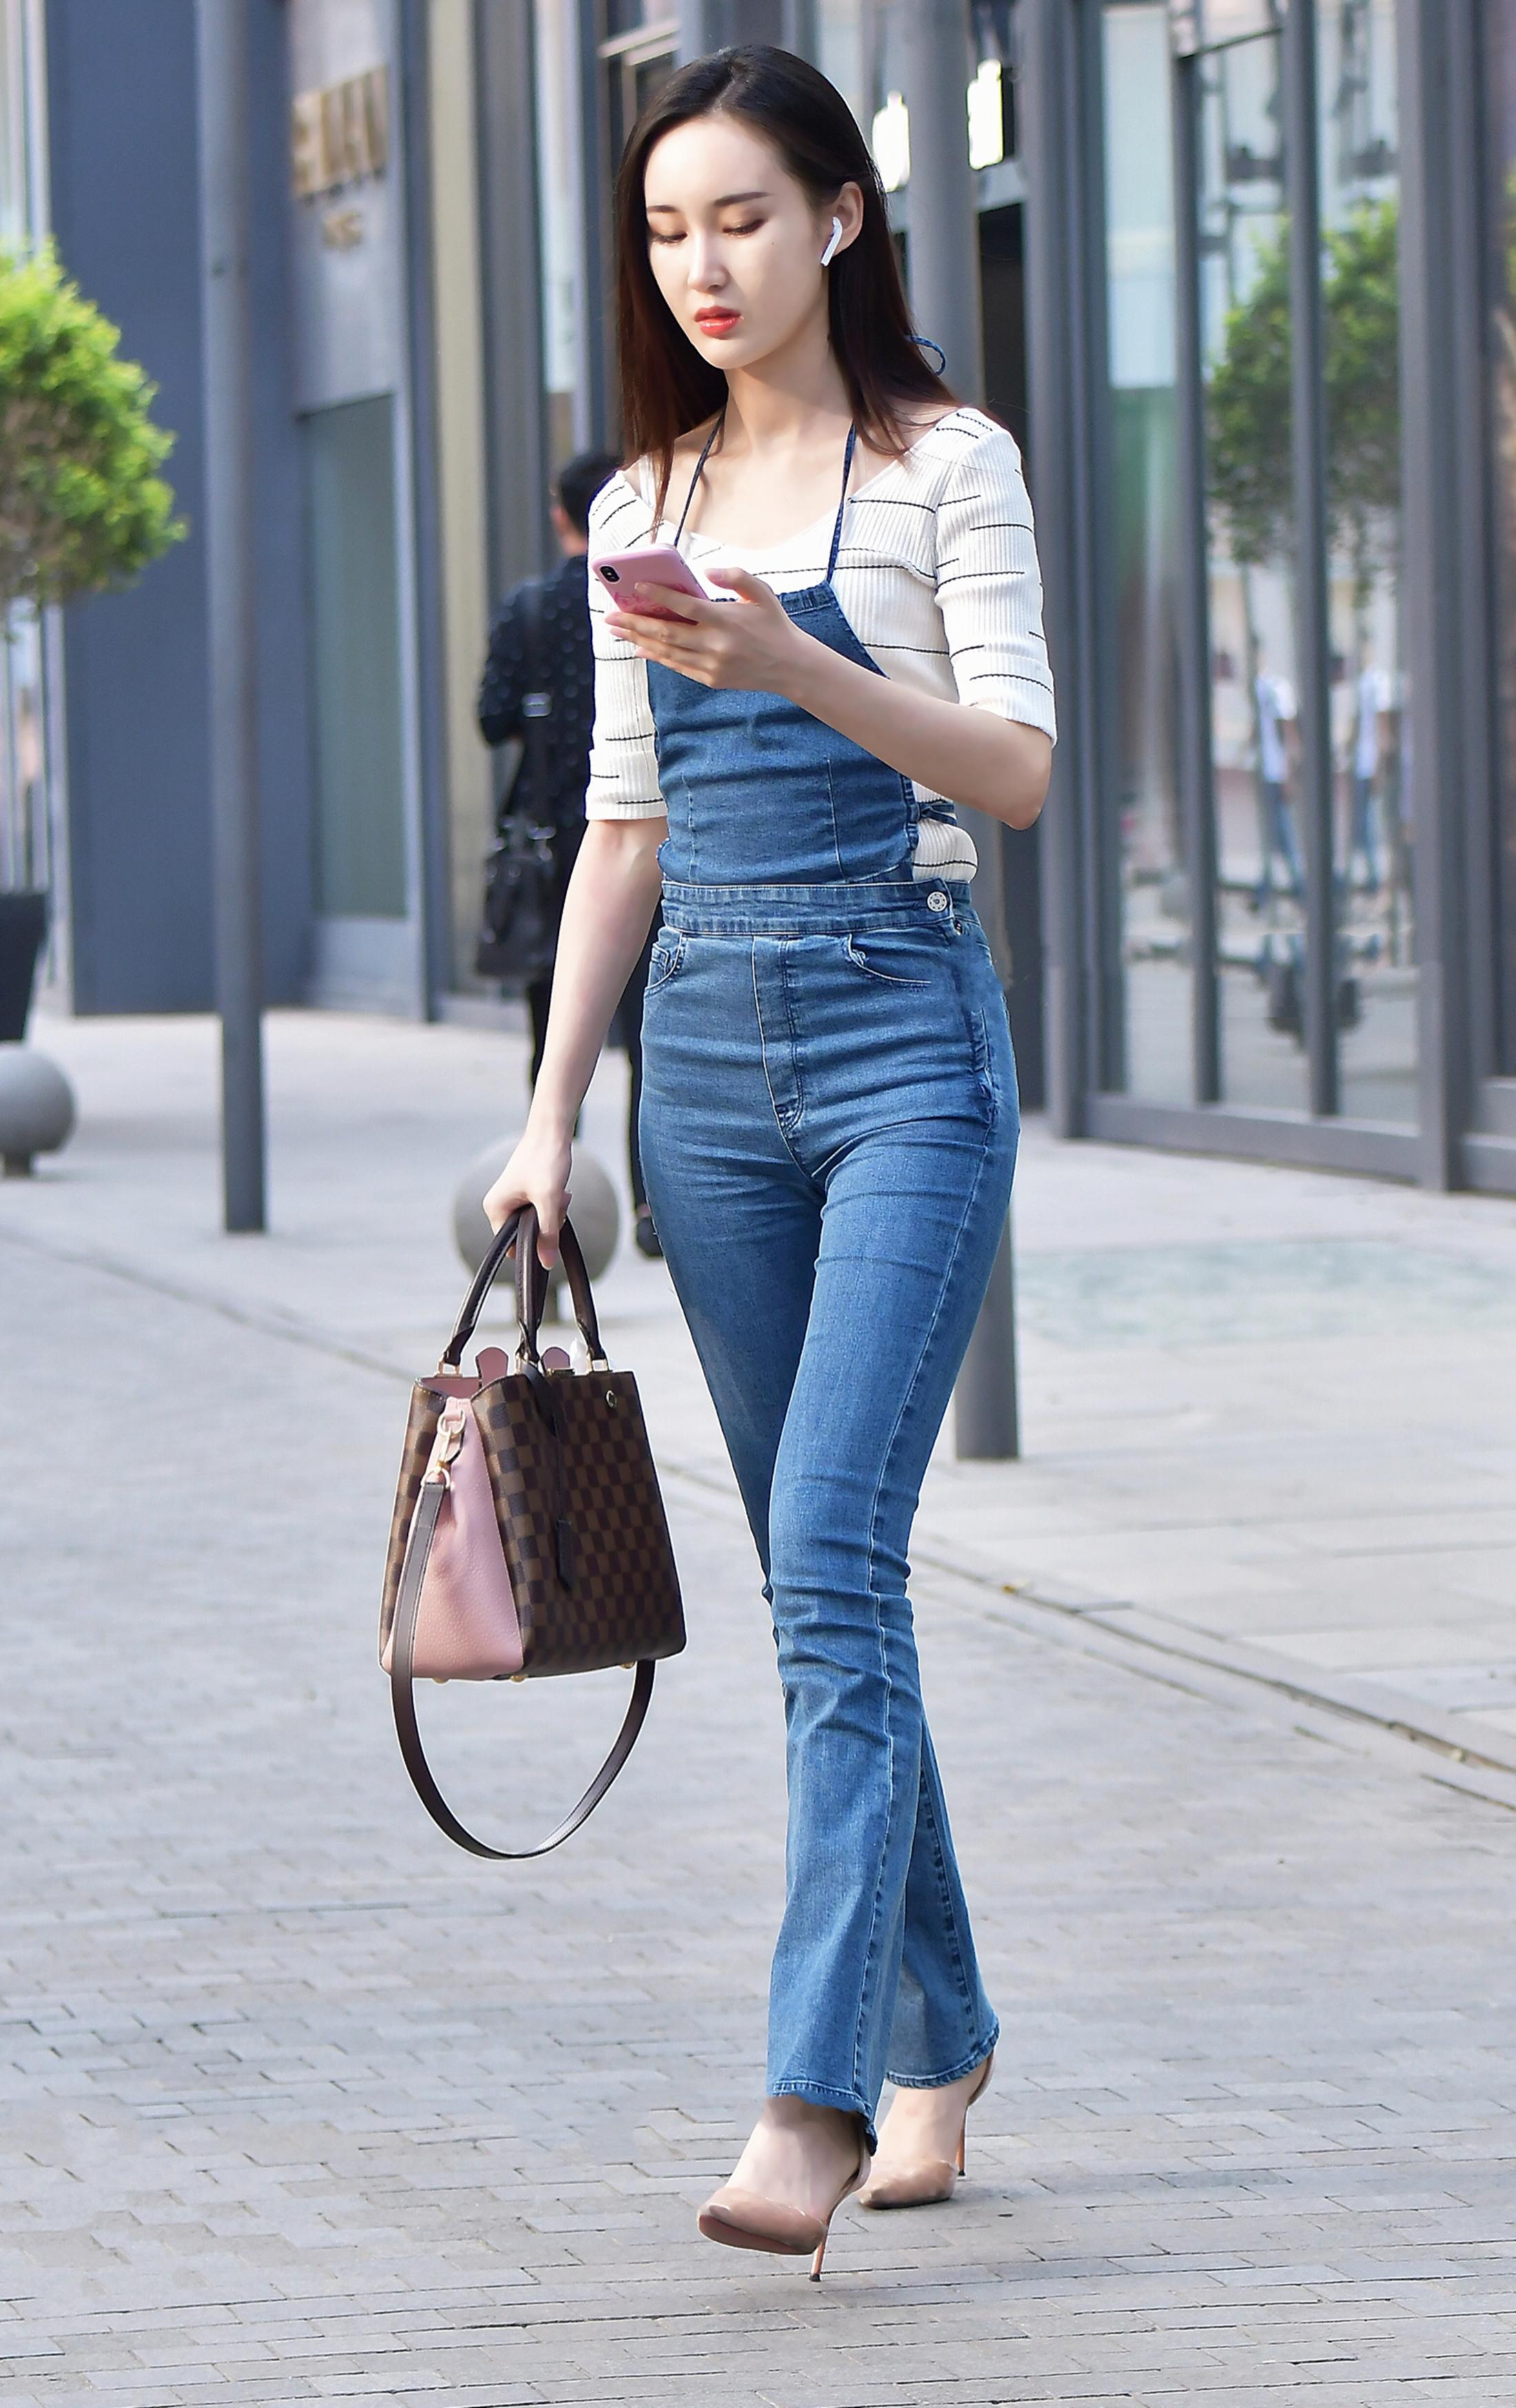 牛仔短裤美少女_街拍美女:小姐姐穿着百搭的背带牛仔裤,秒变大长腿就是这么简单